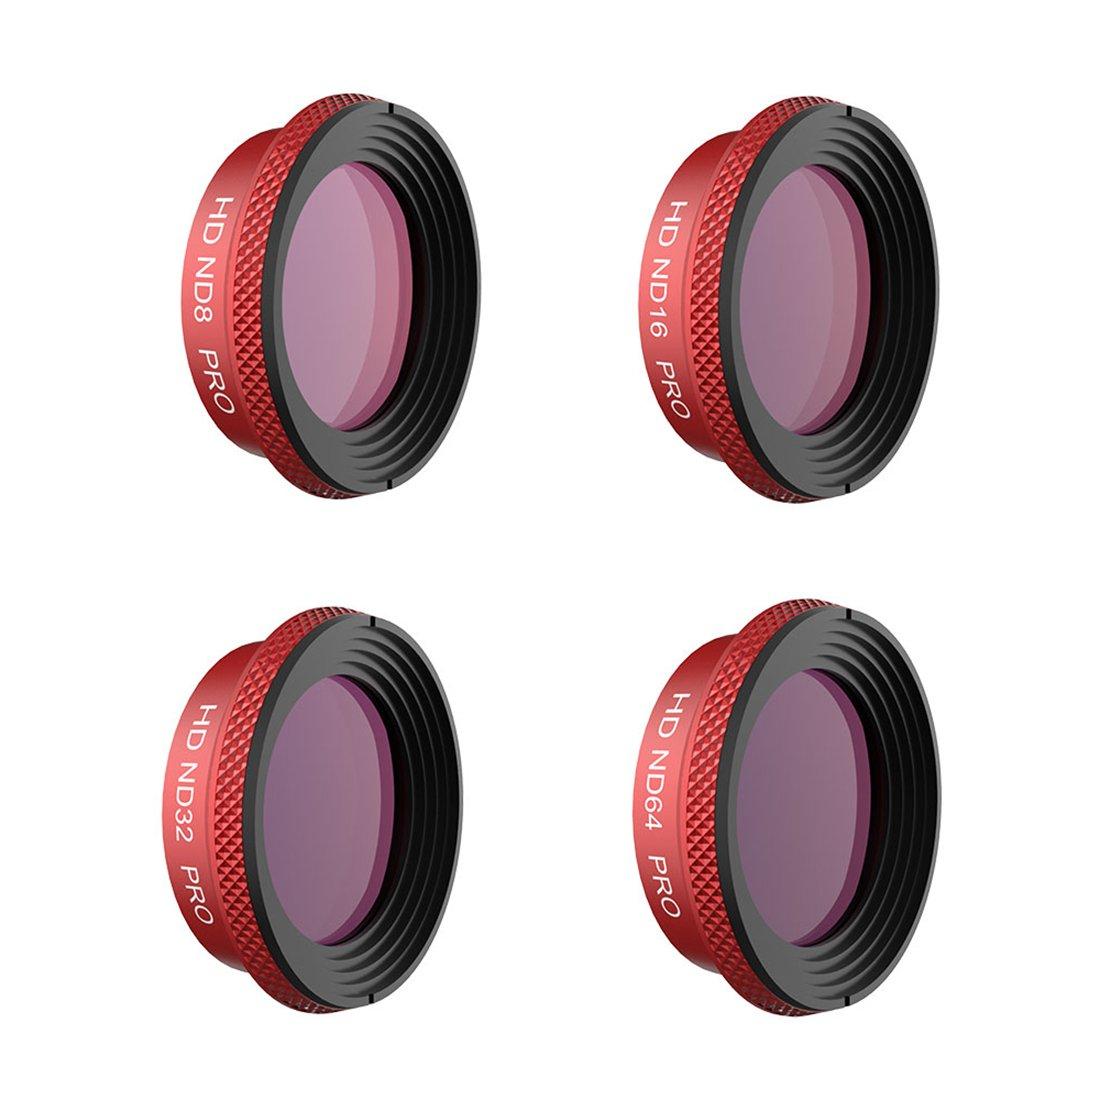 LoKauf PGYTECH 4St. Filters Set ND8 ND16 ND32 ND64 Drohnenfilter Zubehör für DJI Mavic Air - Professionelle Ausgabe